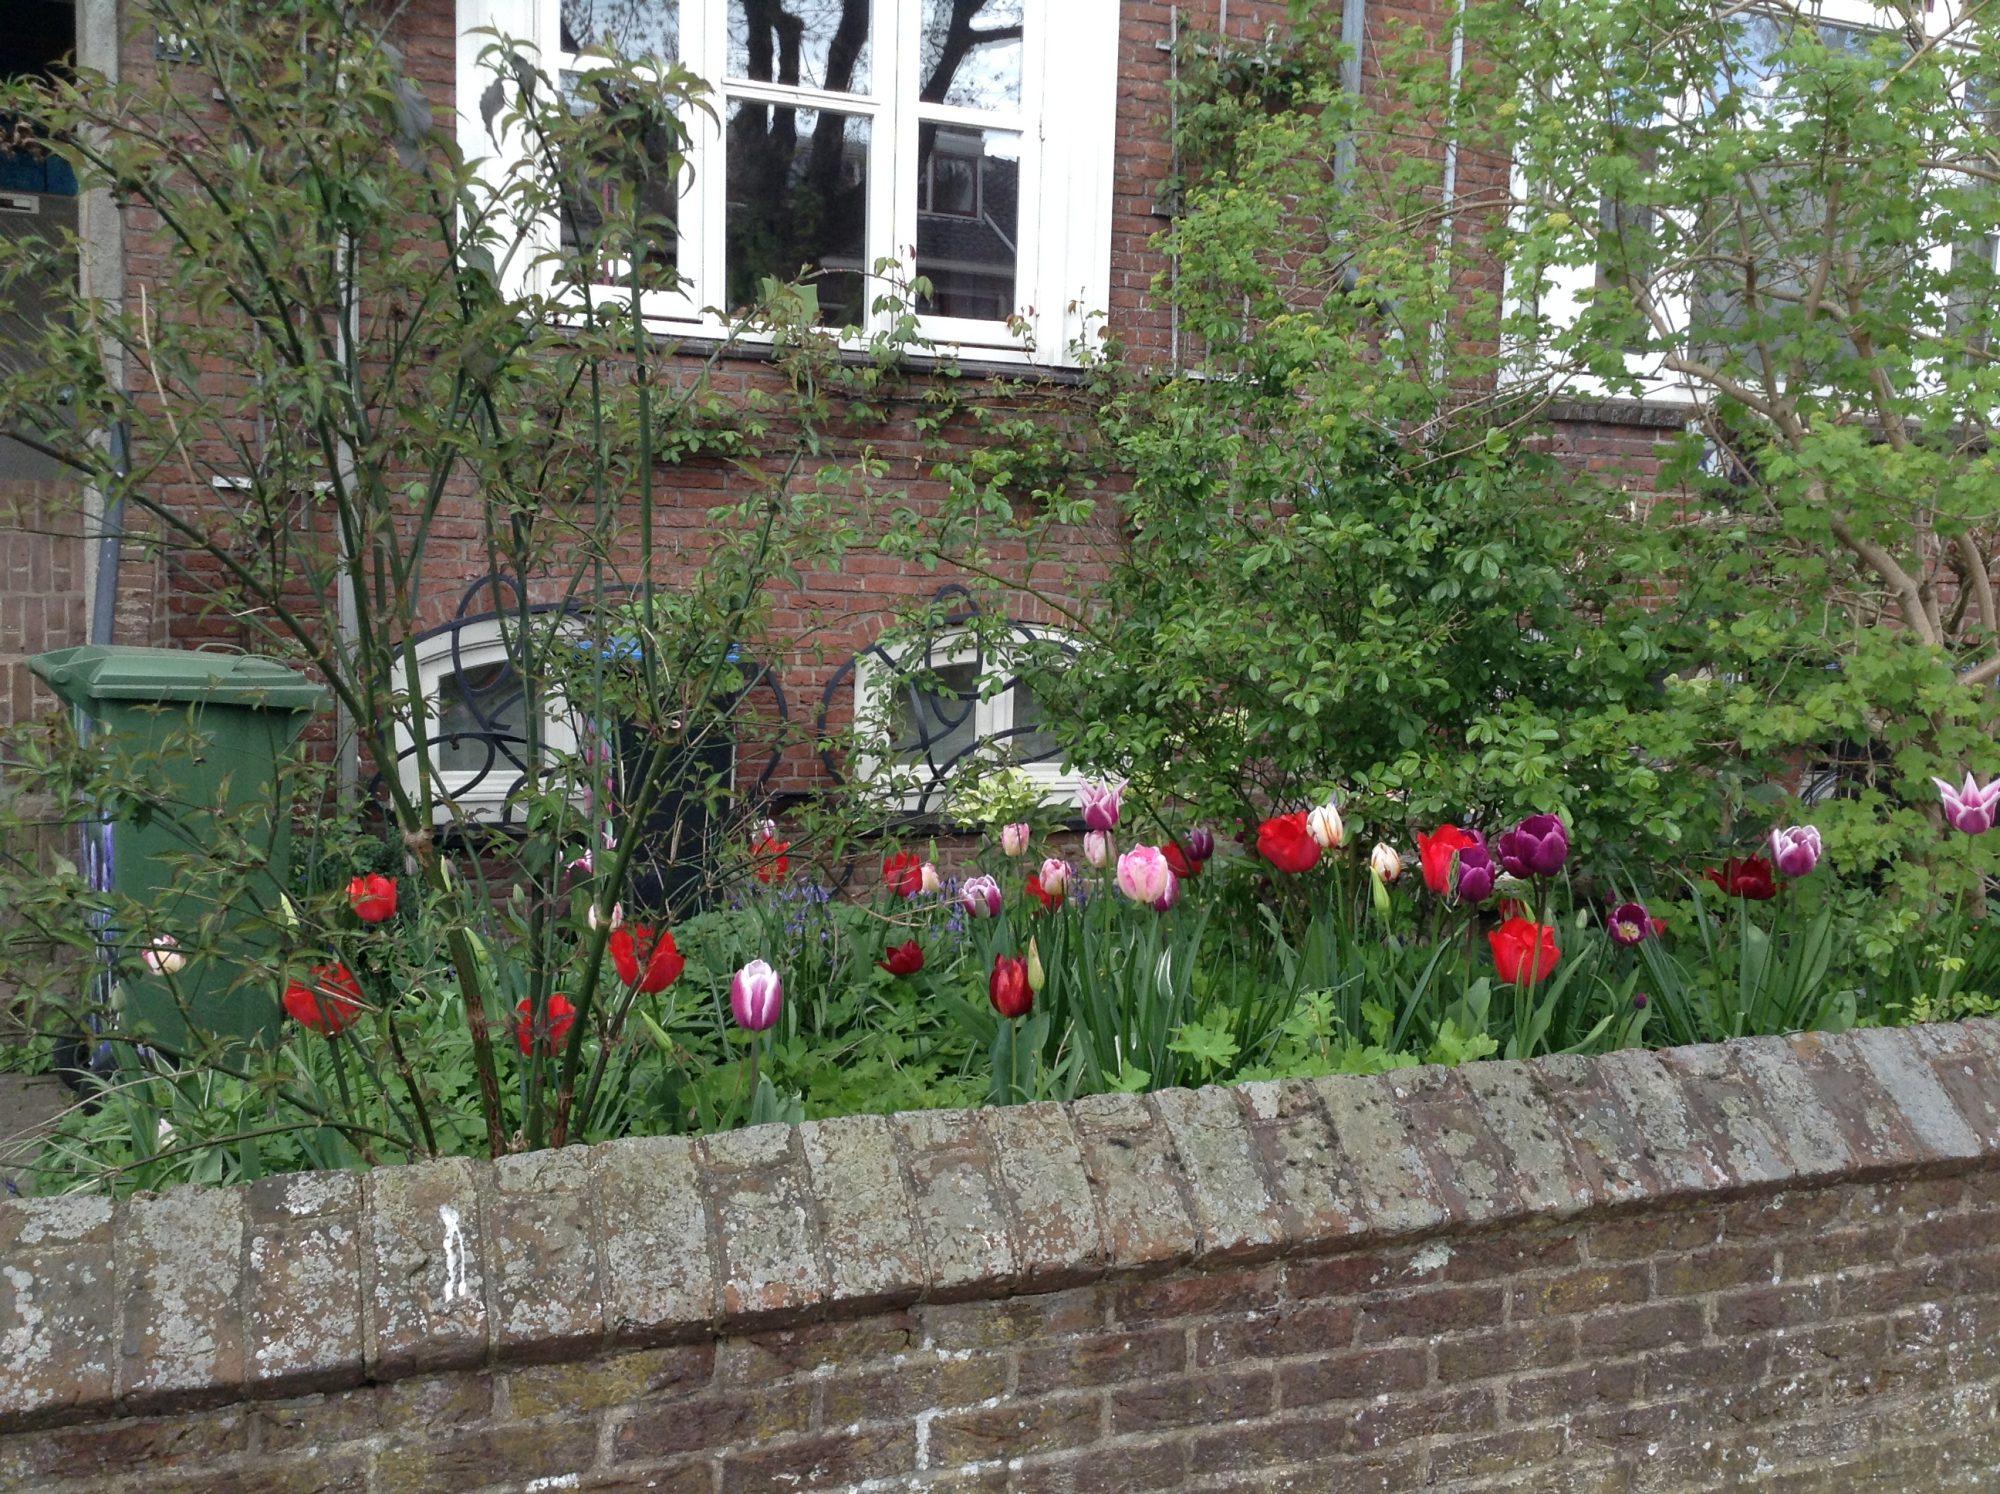 De eerste lente na het planten bloeien je tulpenbollenuitbundig. Maar daarna wordt het (zeker op zandgrond) snel minder. Nog jaren komt erin het voorjaareen bosje groene sprieten uit de grond, maar een tulp wordt het niet meer. Wat kun je doen om langer plezier te hebben van je bollen? Zet ze op de warmste plek…